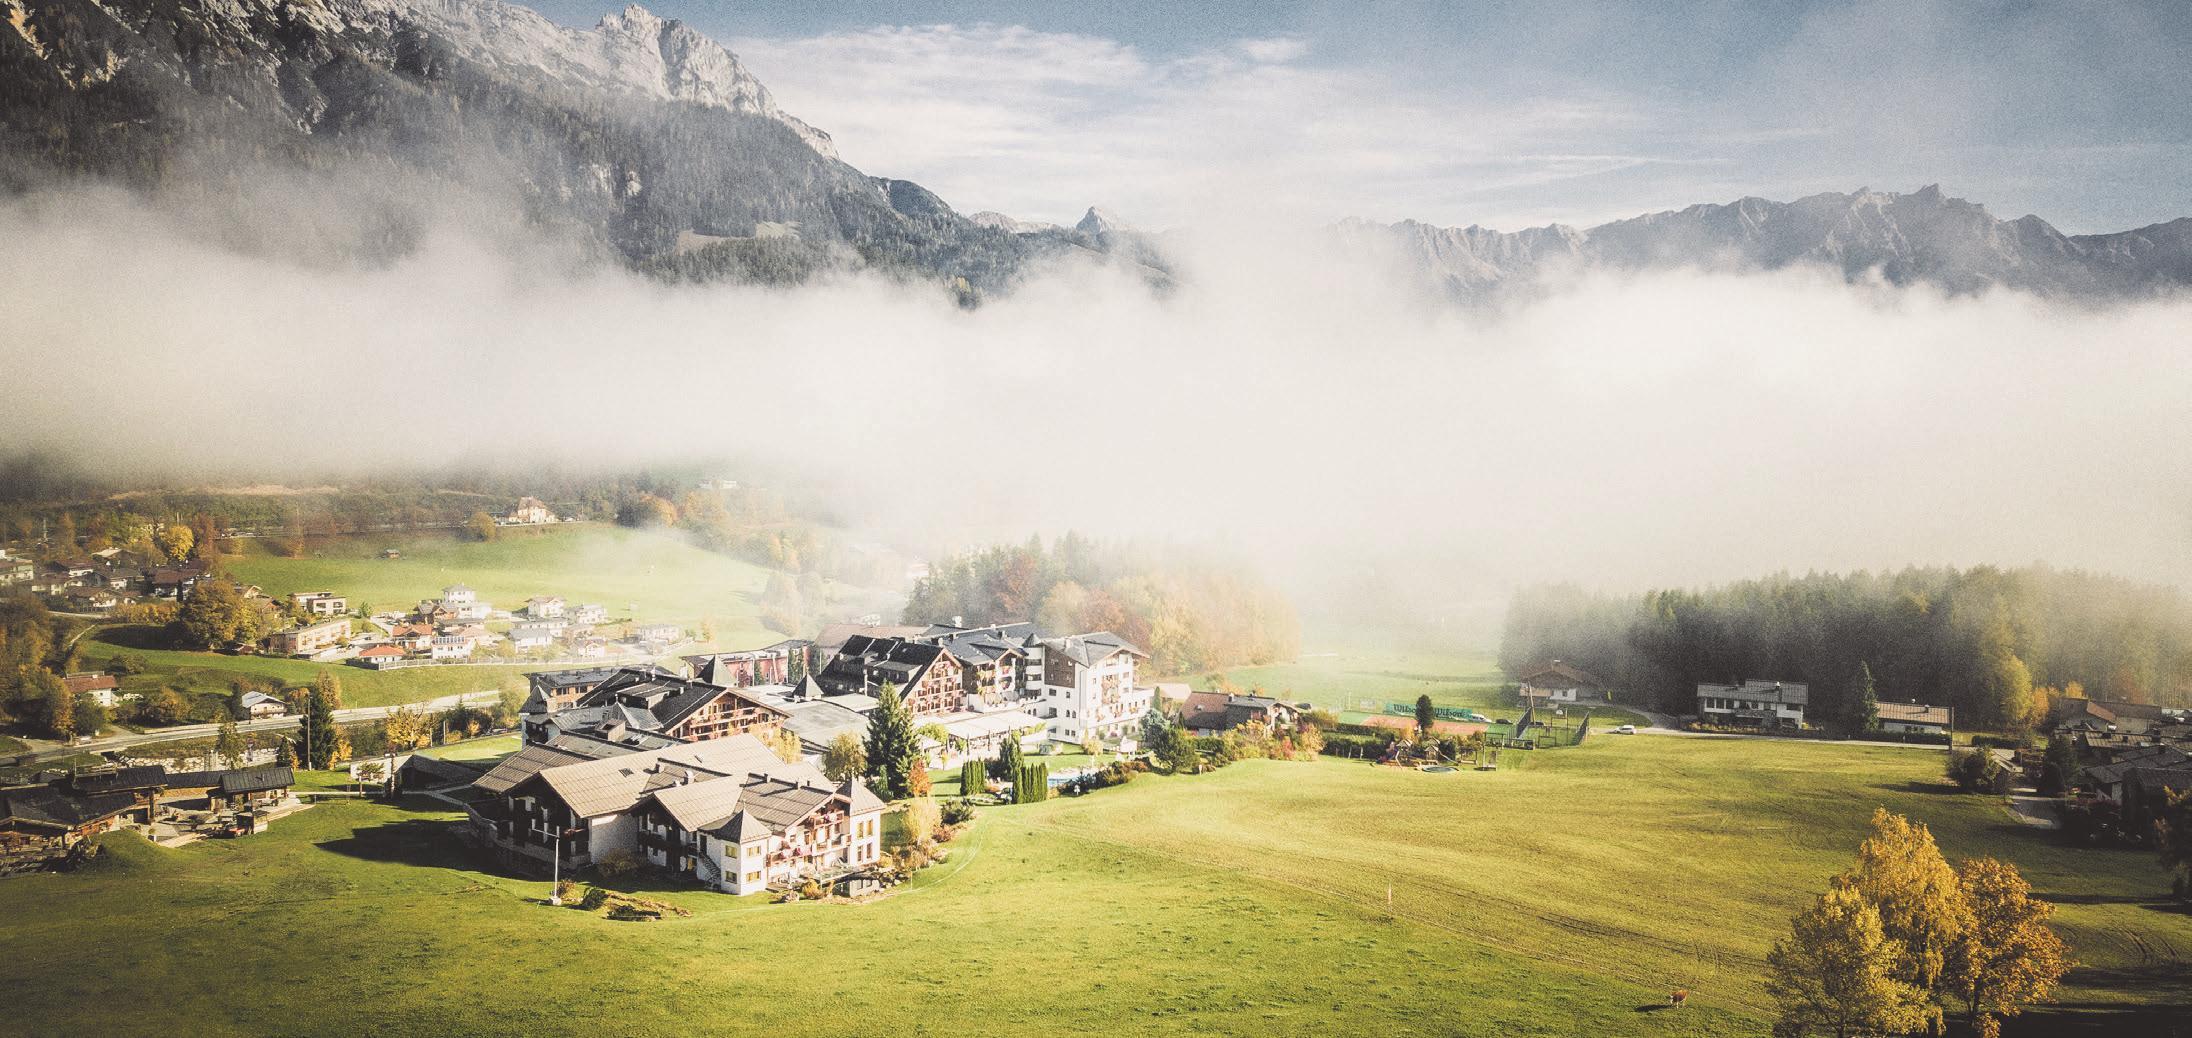 Traumlandschaft im Herbst. Foto: Krallerhof